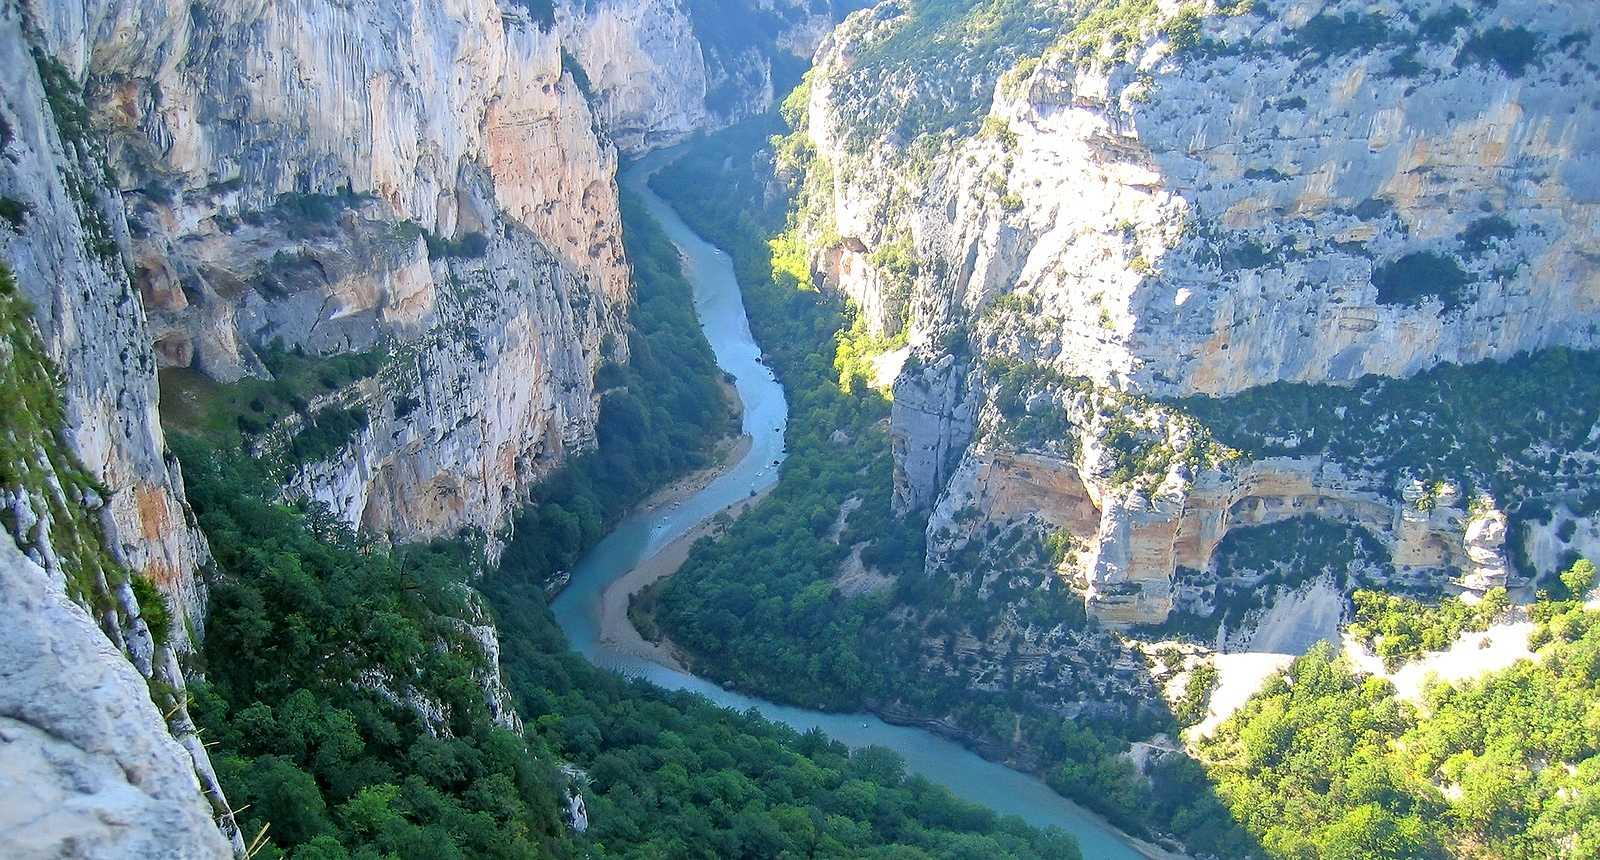 Le canyon du Verdon